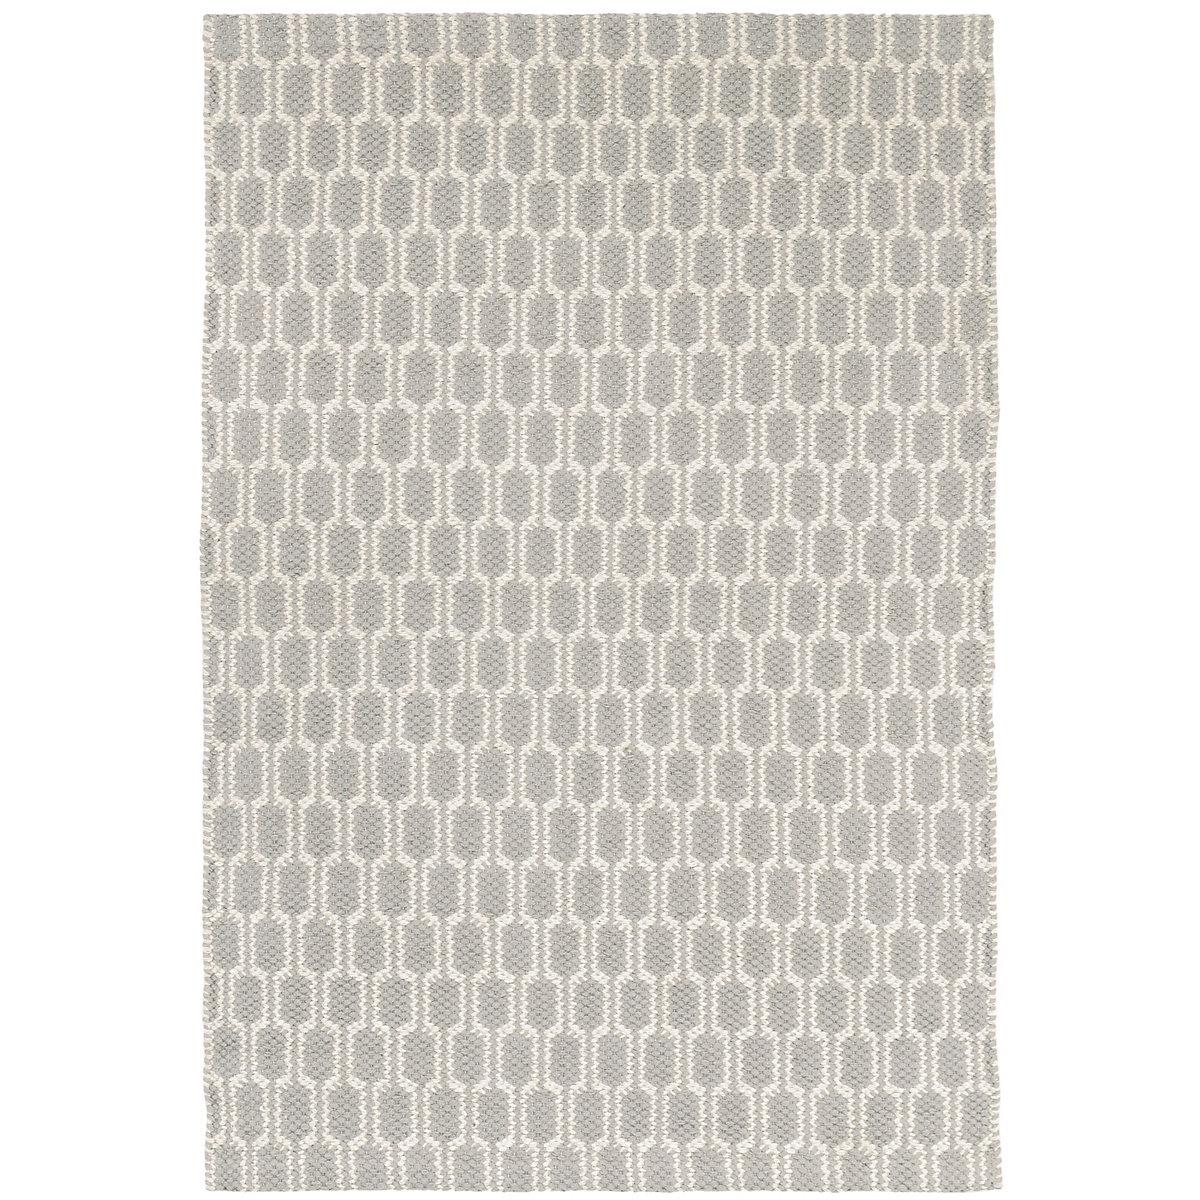 dbd5a8fca Terra Dove Grey Woven Cotton Rug | The Outlet